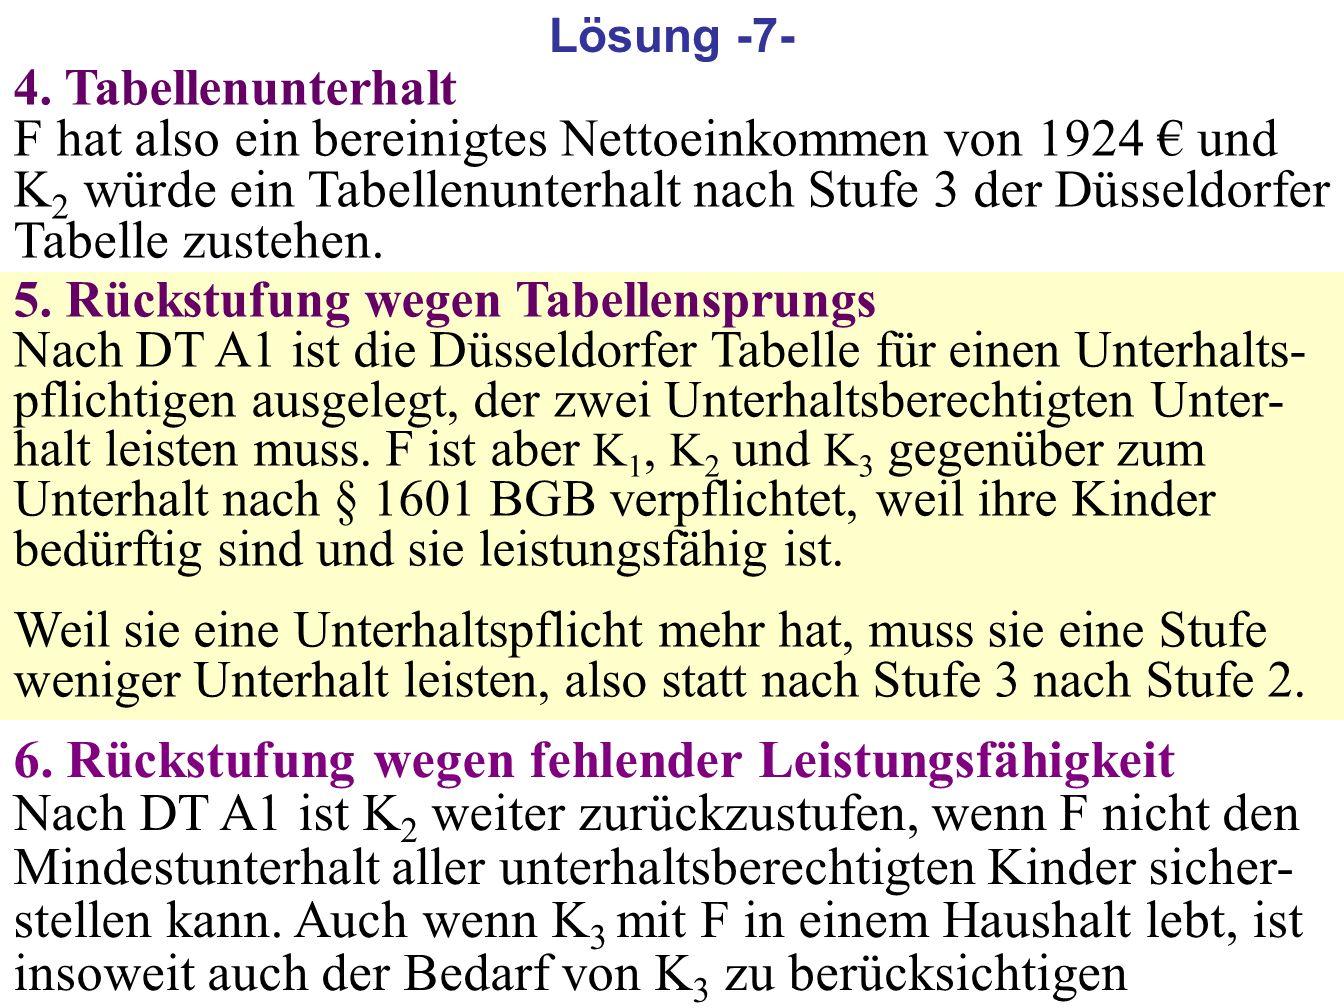 180 4. Tabellenunterhalt F hat also ein bereinigtes Nettoeinkommen von 1924 und K 2 würde ein Tabellenunterhalt nach Stufe 3 der Düsseldorfer Tabelle